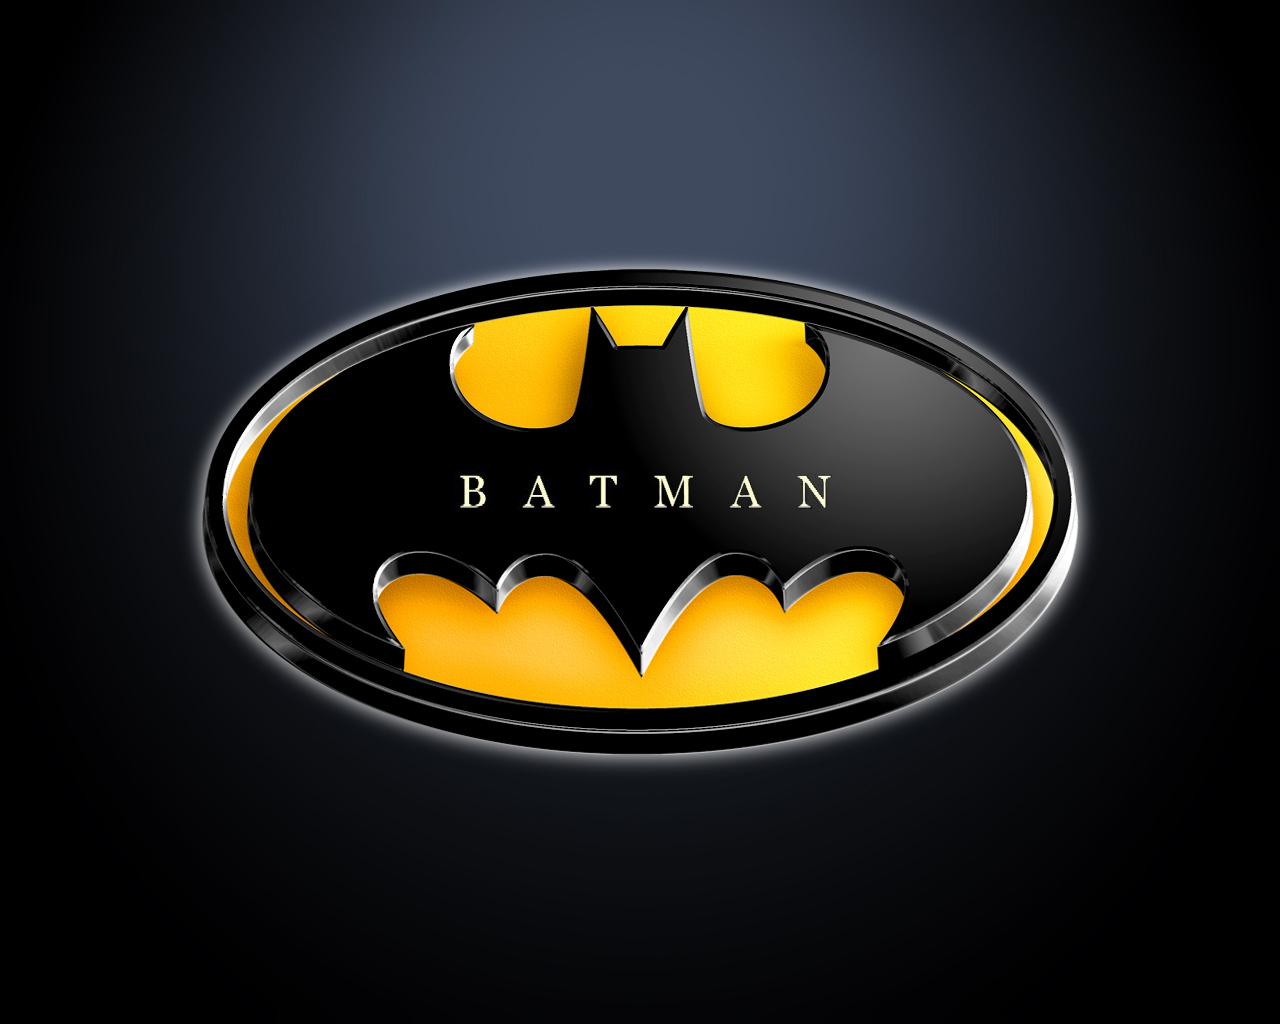 Batman images Batman Logo HD wallpaper and background 1280x1024